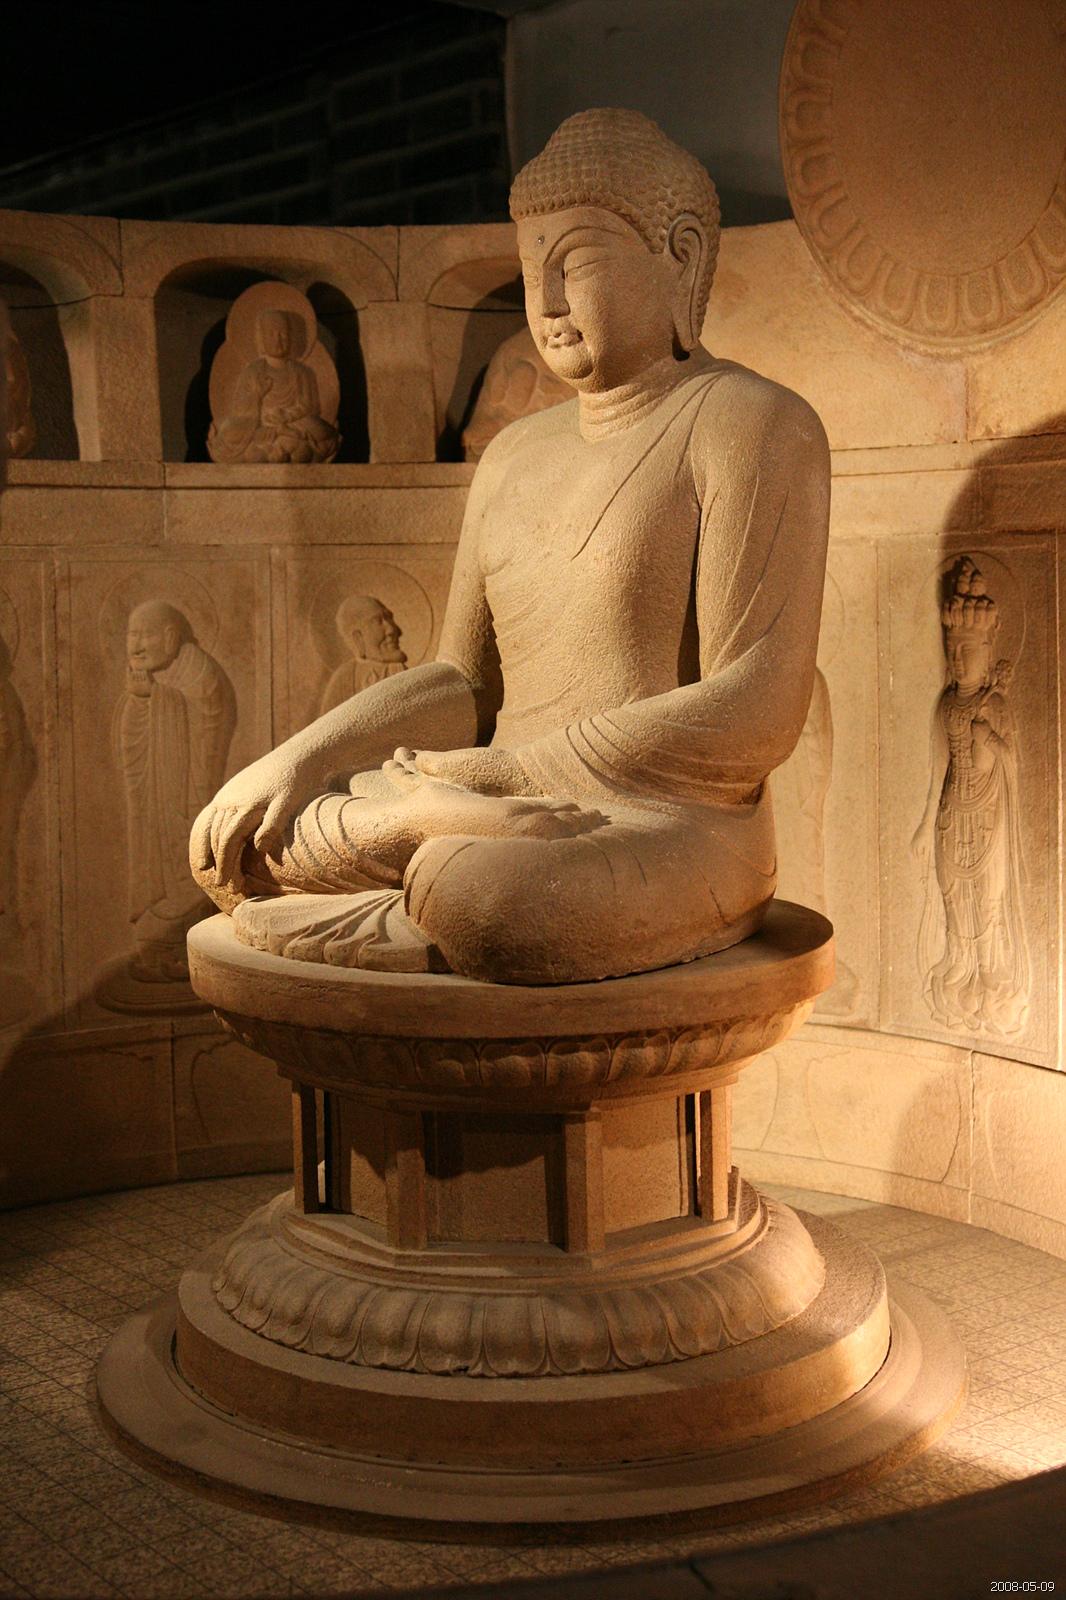 علائم و مراسم مذهبی در آیین بودا